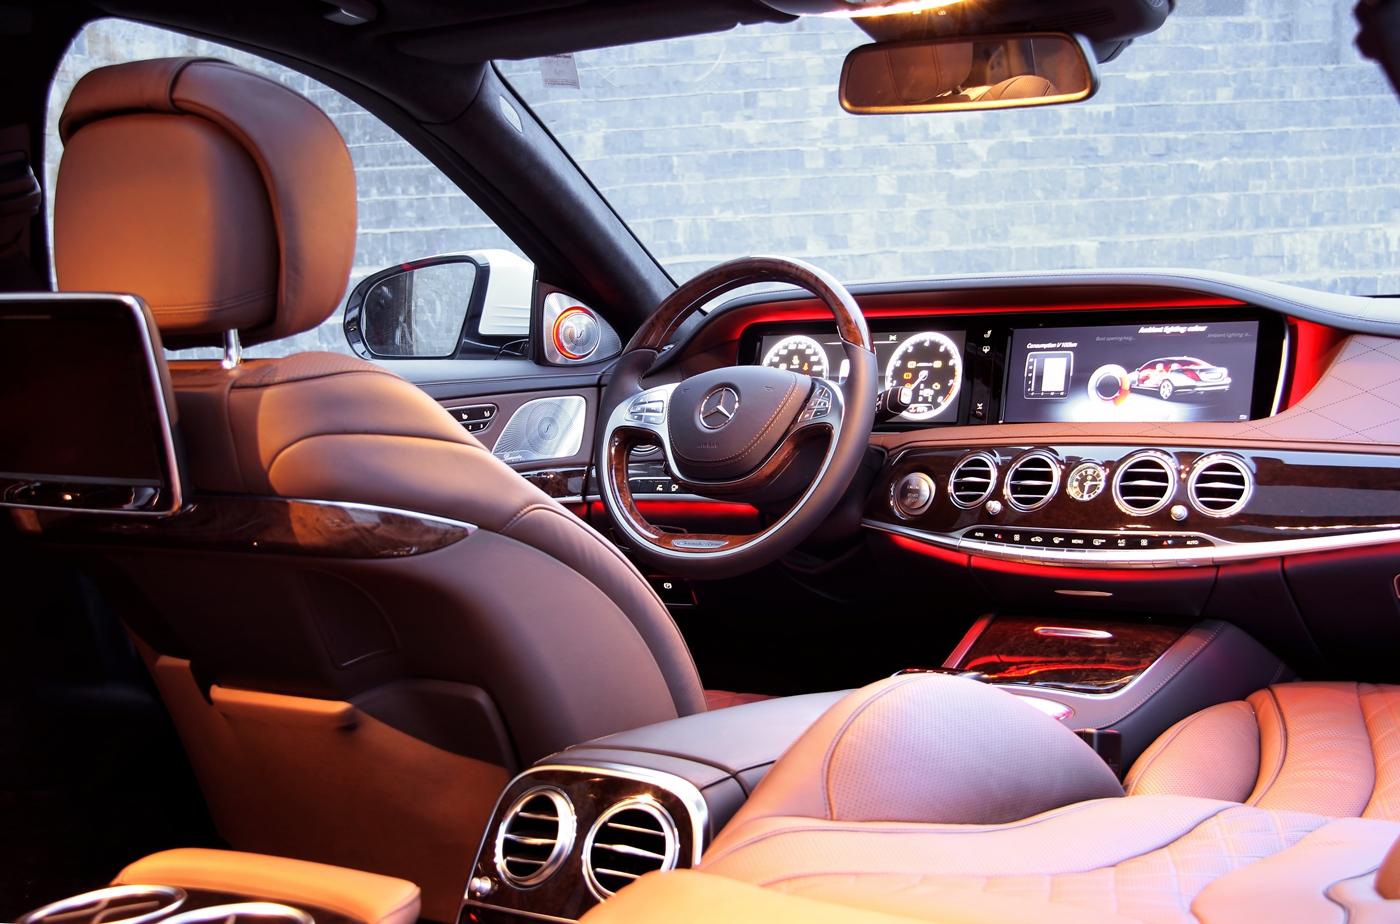 Khám phá đẳng cấp Mercedes S-Class phục vụ hệ thống Vinpearl_4